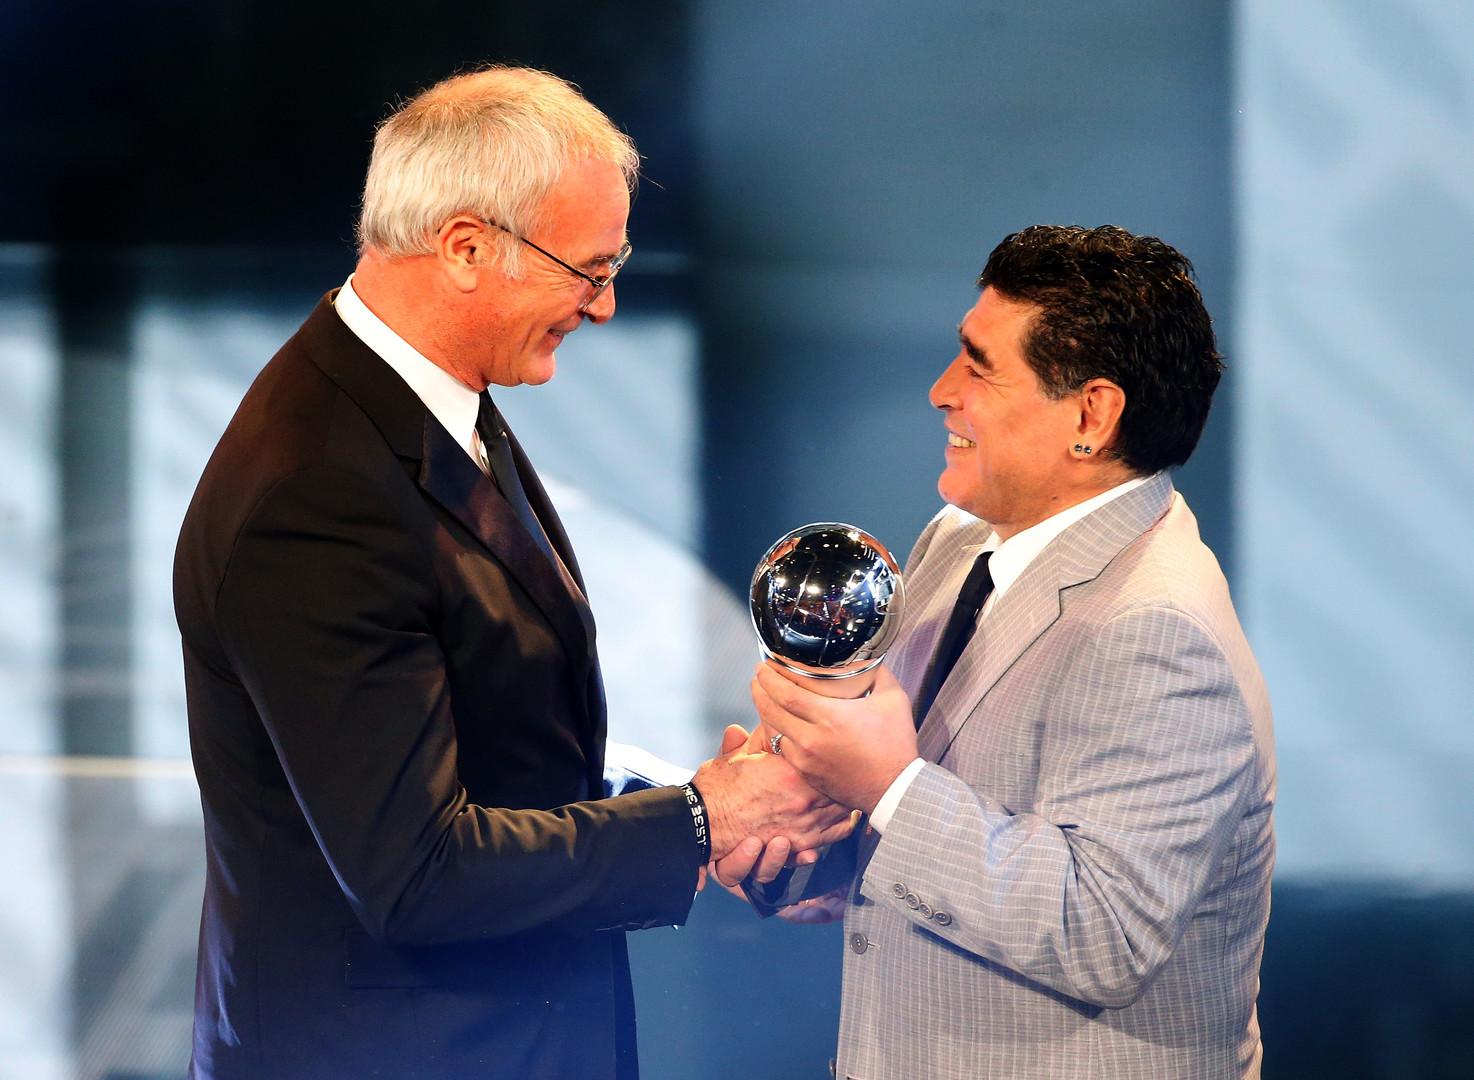 رونالدو يتوج بجائزة الفيفا لأفضل لاعب في العالم 2016